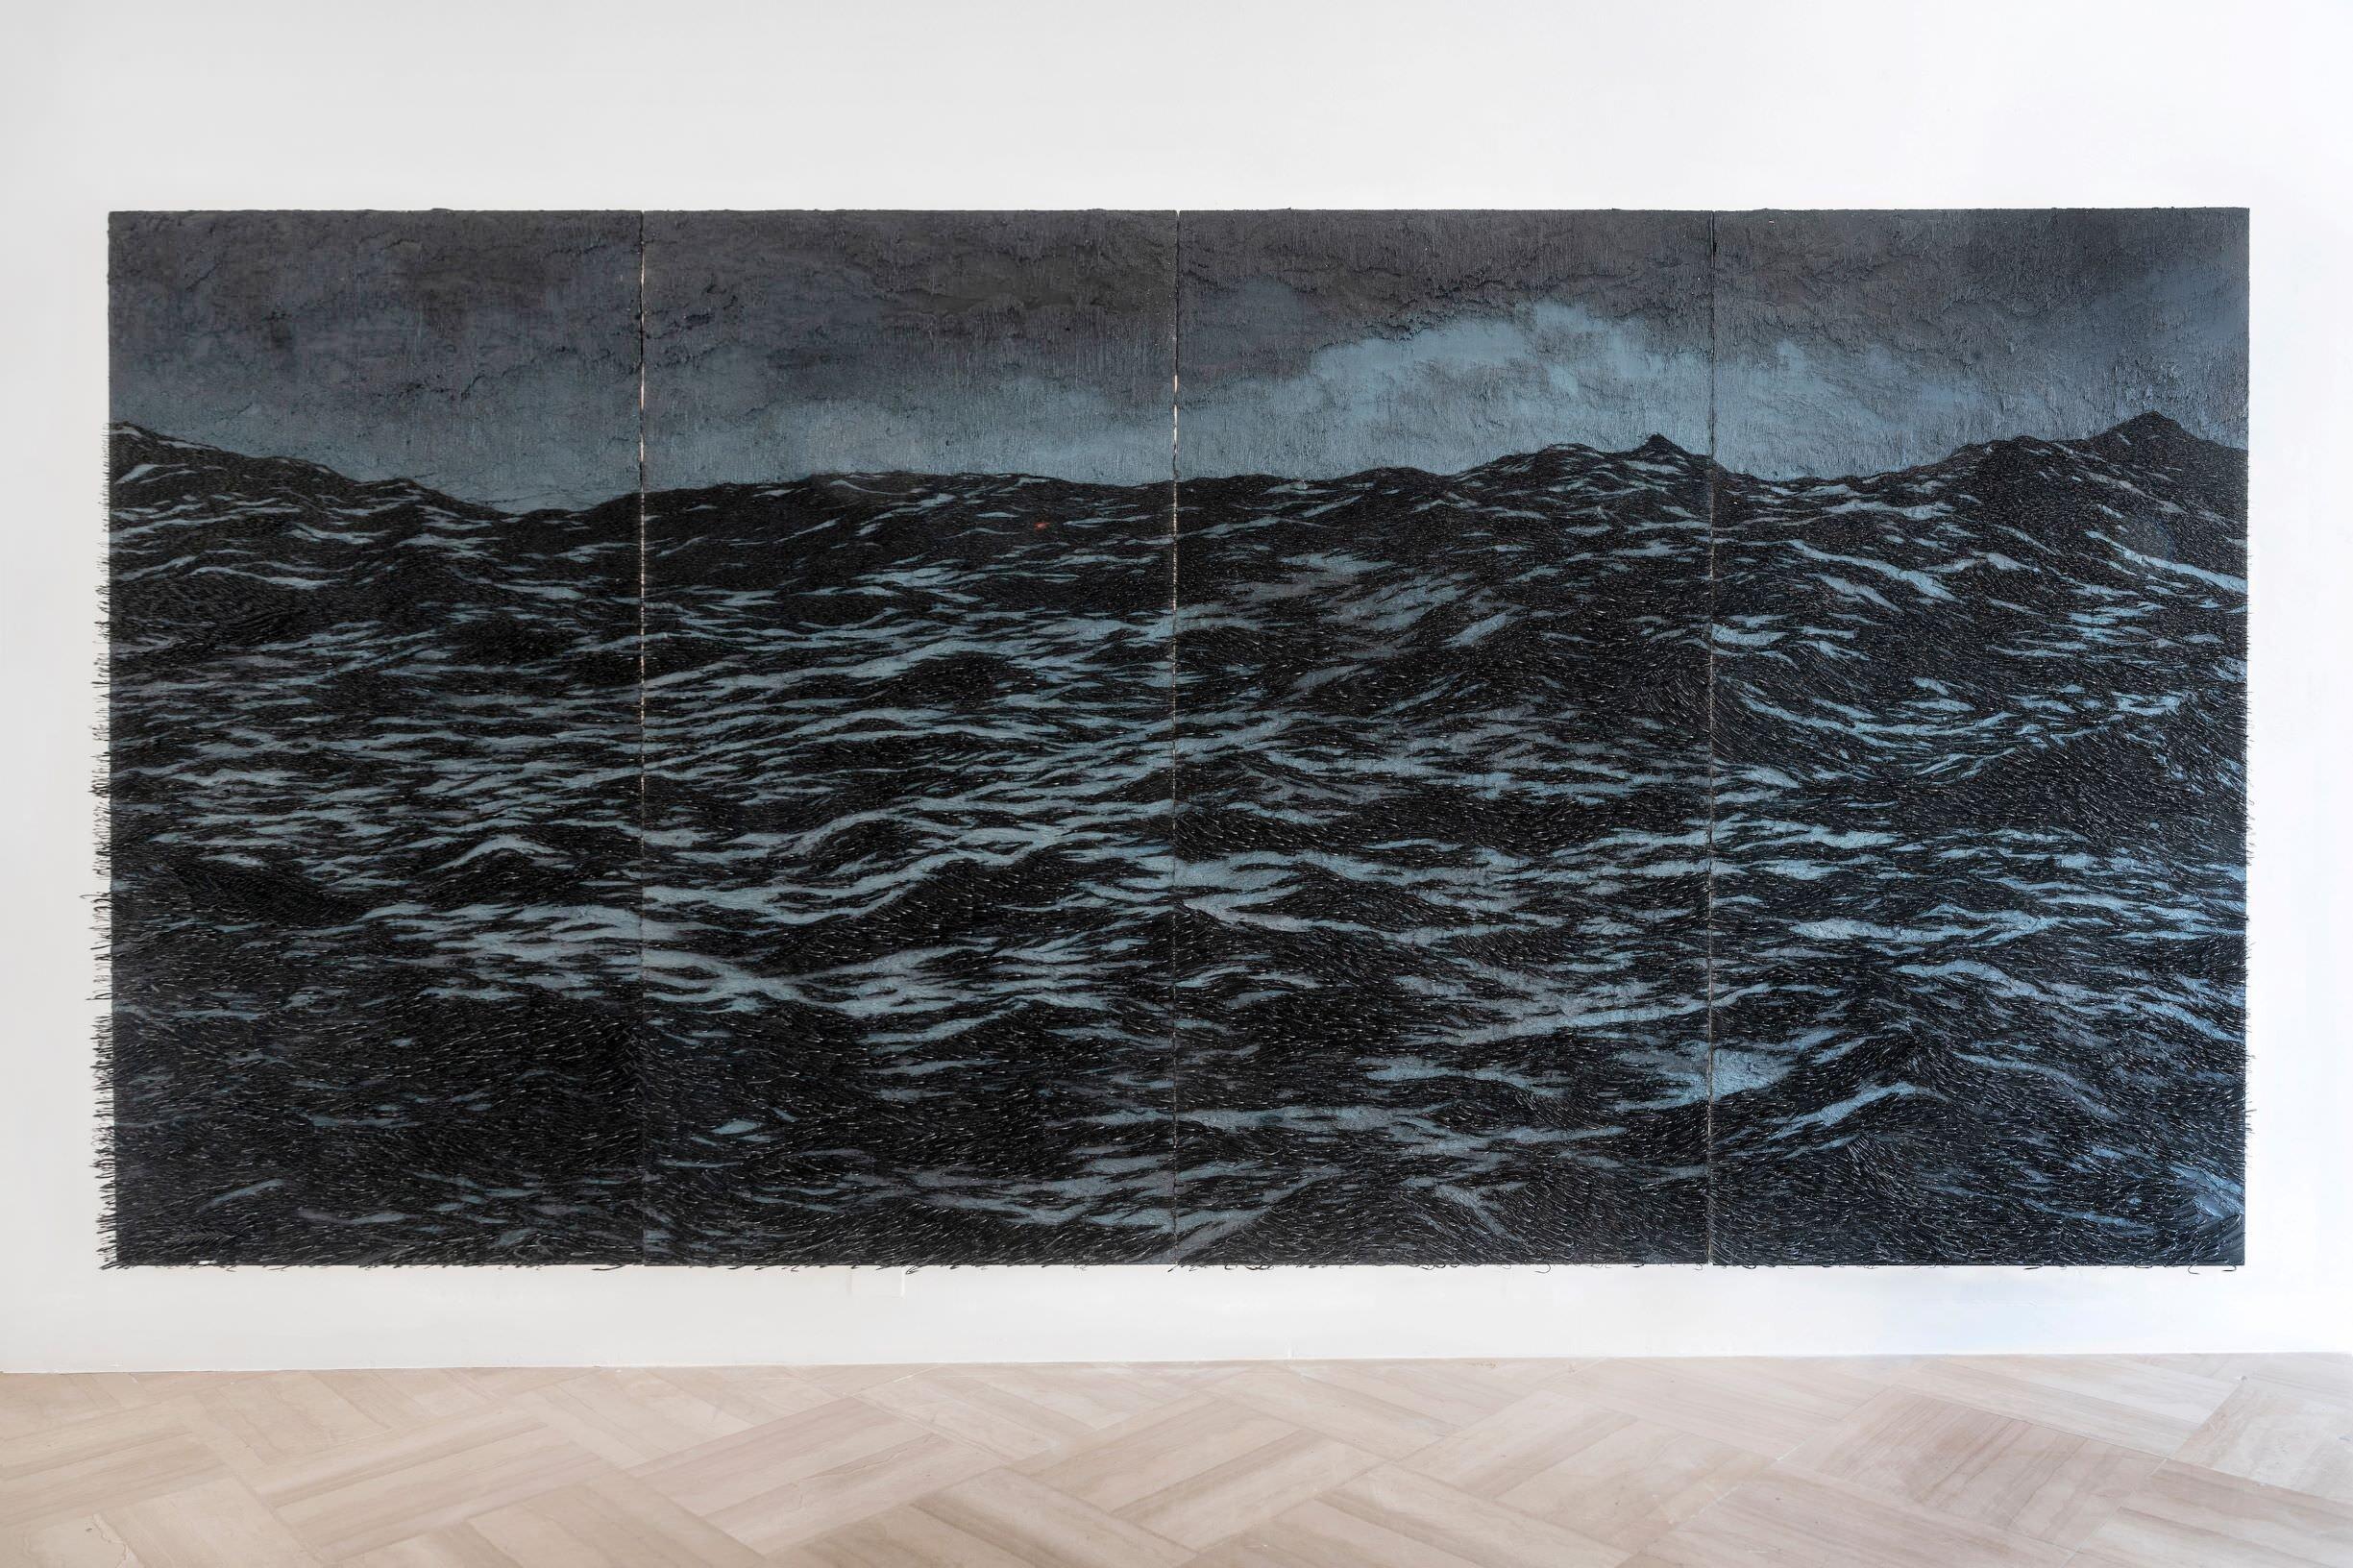 Yoan Capote l'artista che dipinge le onde del mare inchiodando migliaia di ami da pesca